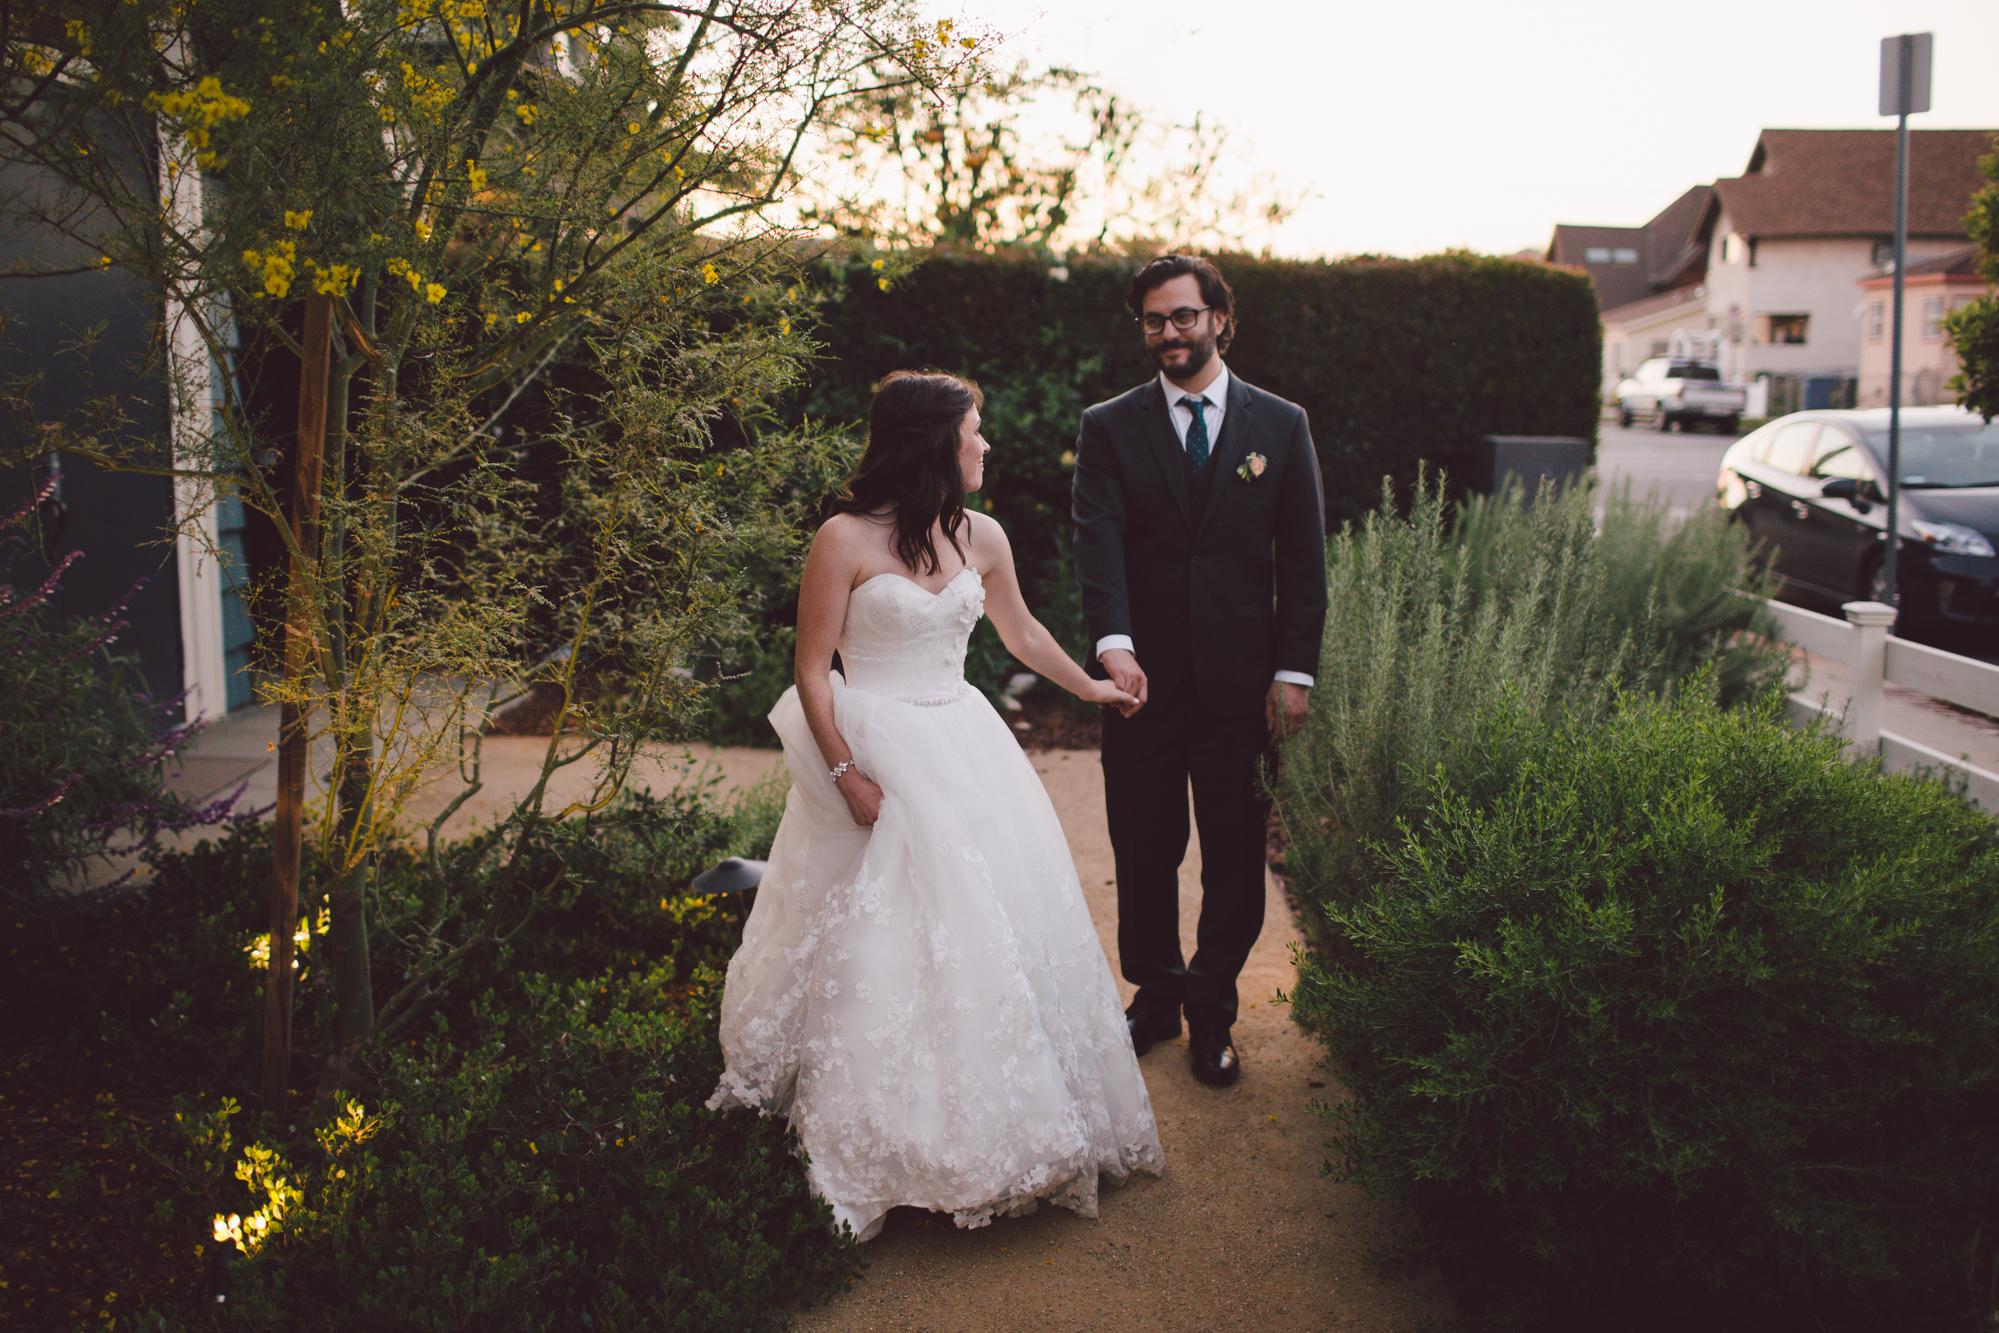 portrait-bride-groom-ruby street-wedding venue-los angeles-california-eclectic-cool-outdoor-hip